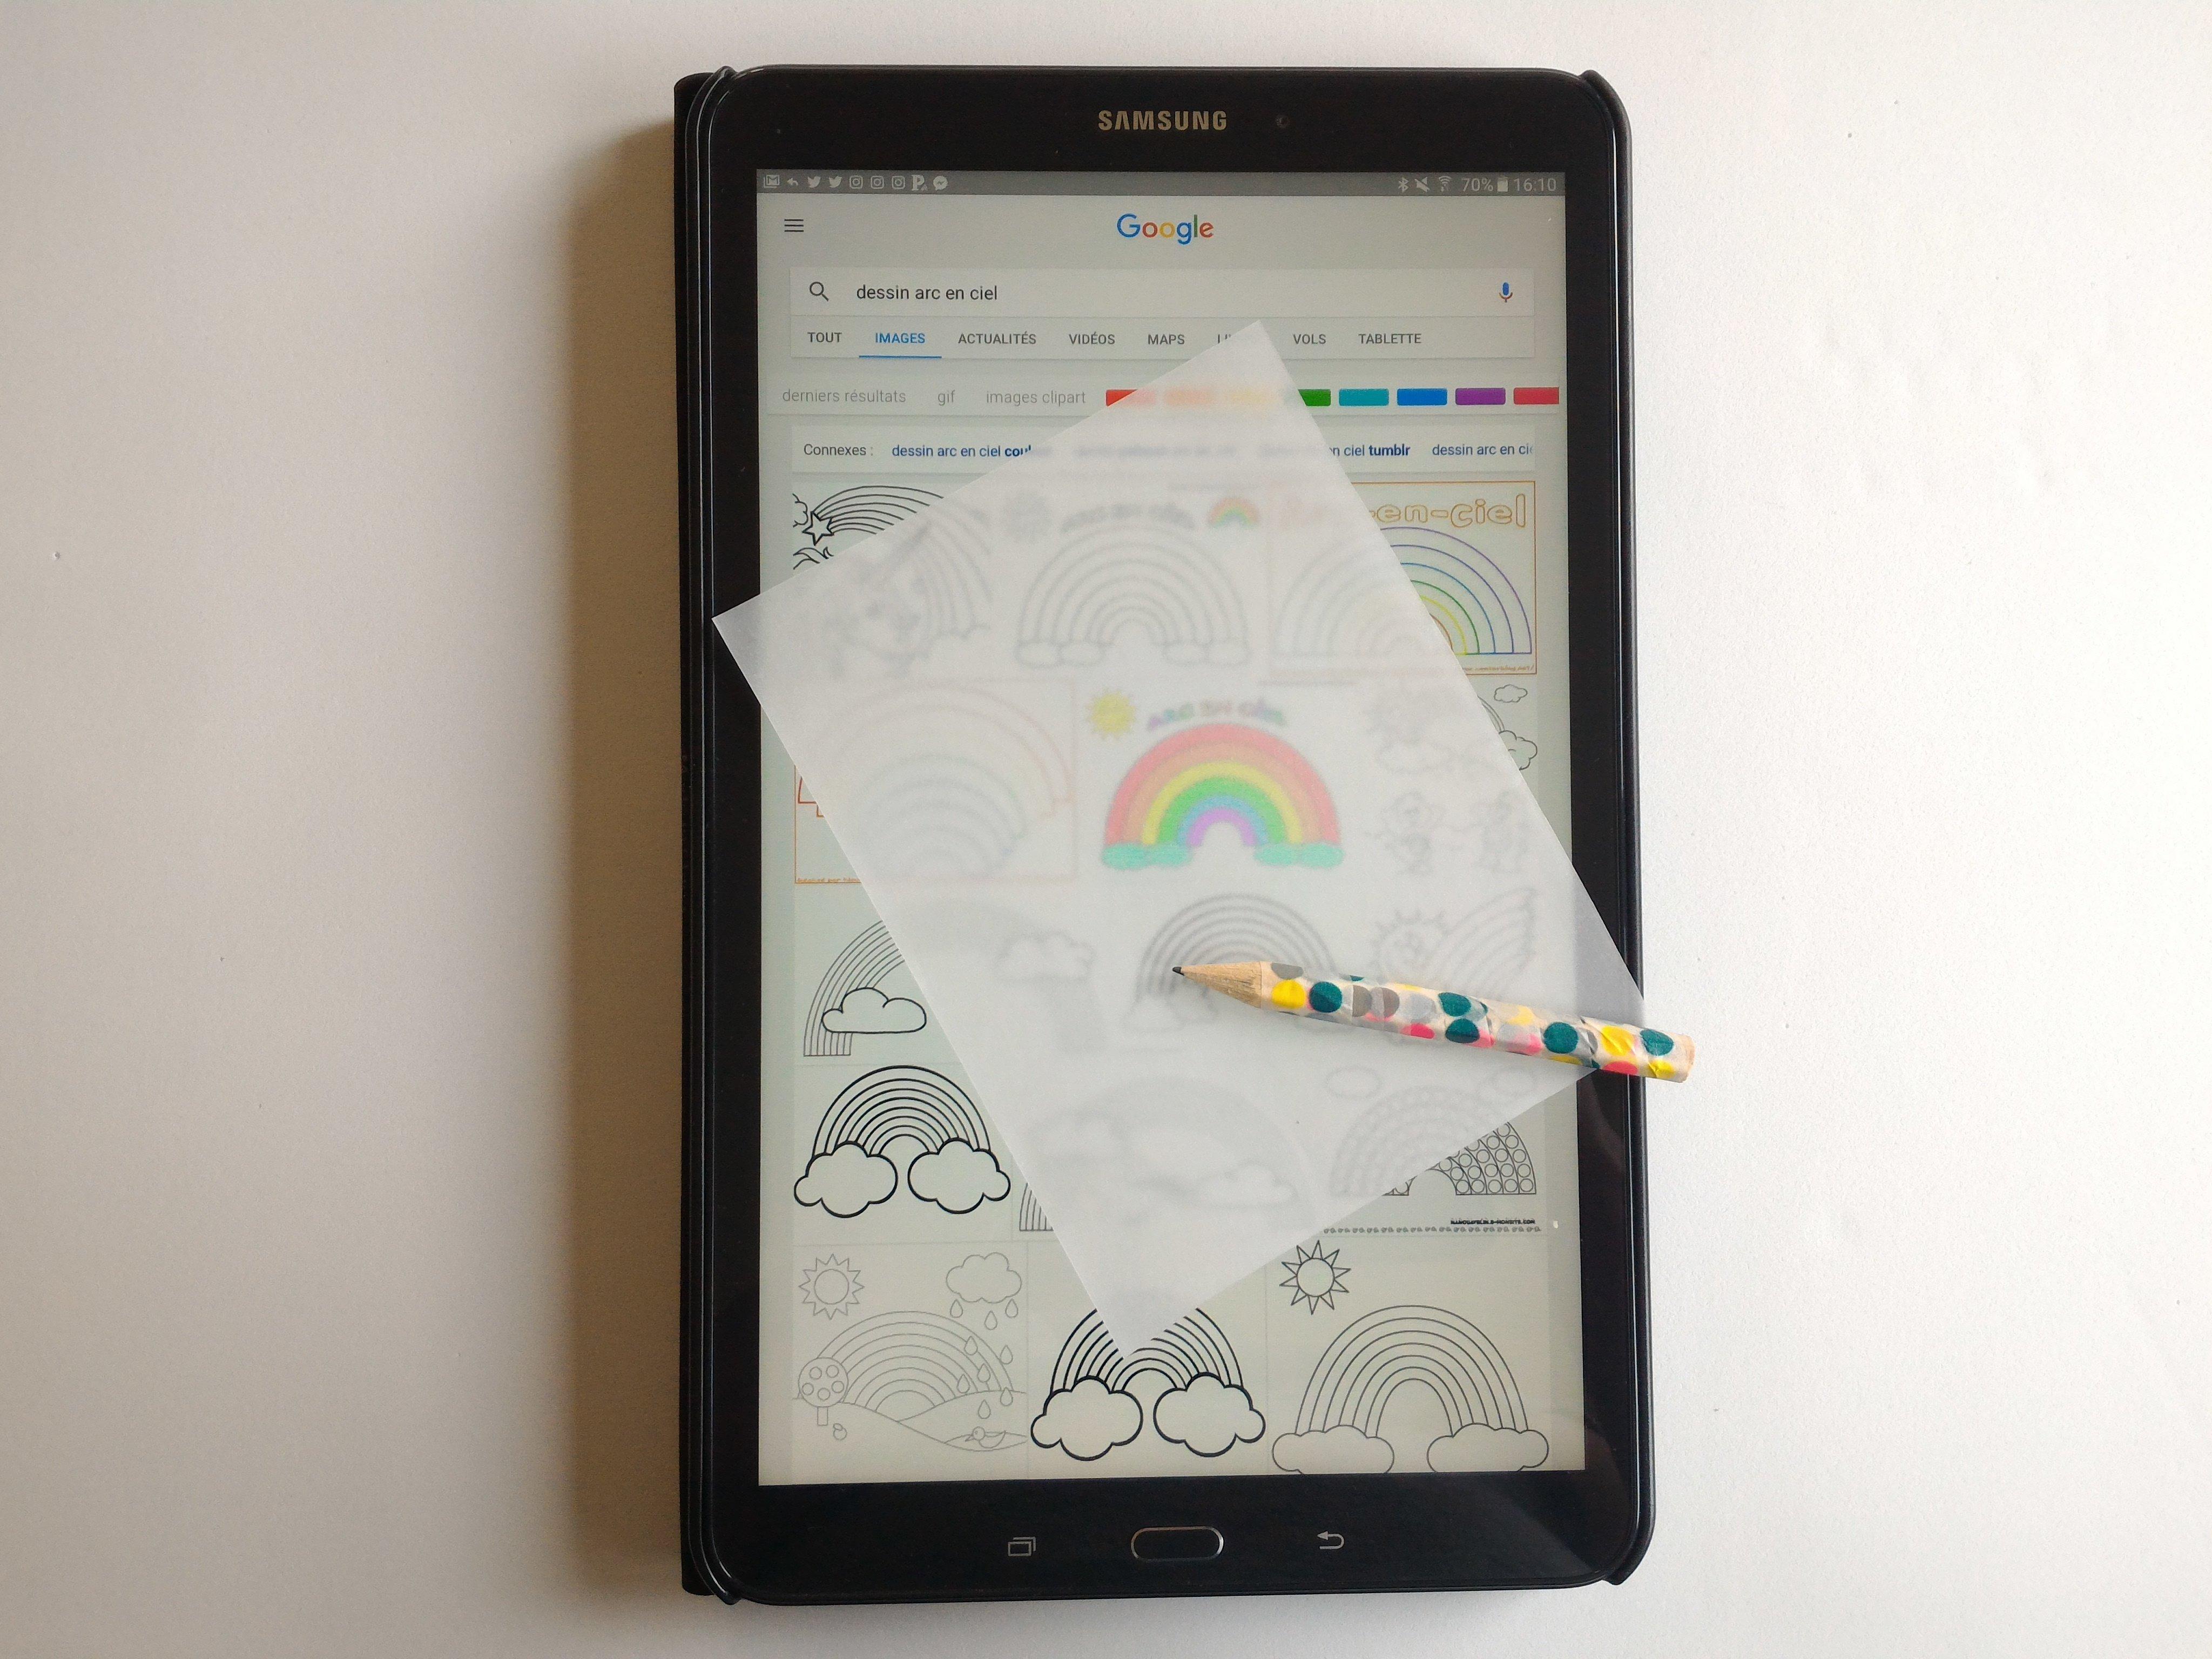 4 oam ouiareclafc rainbow chagaz et vous